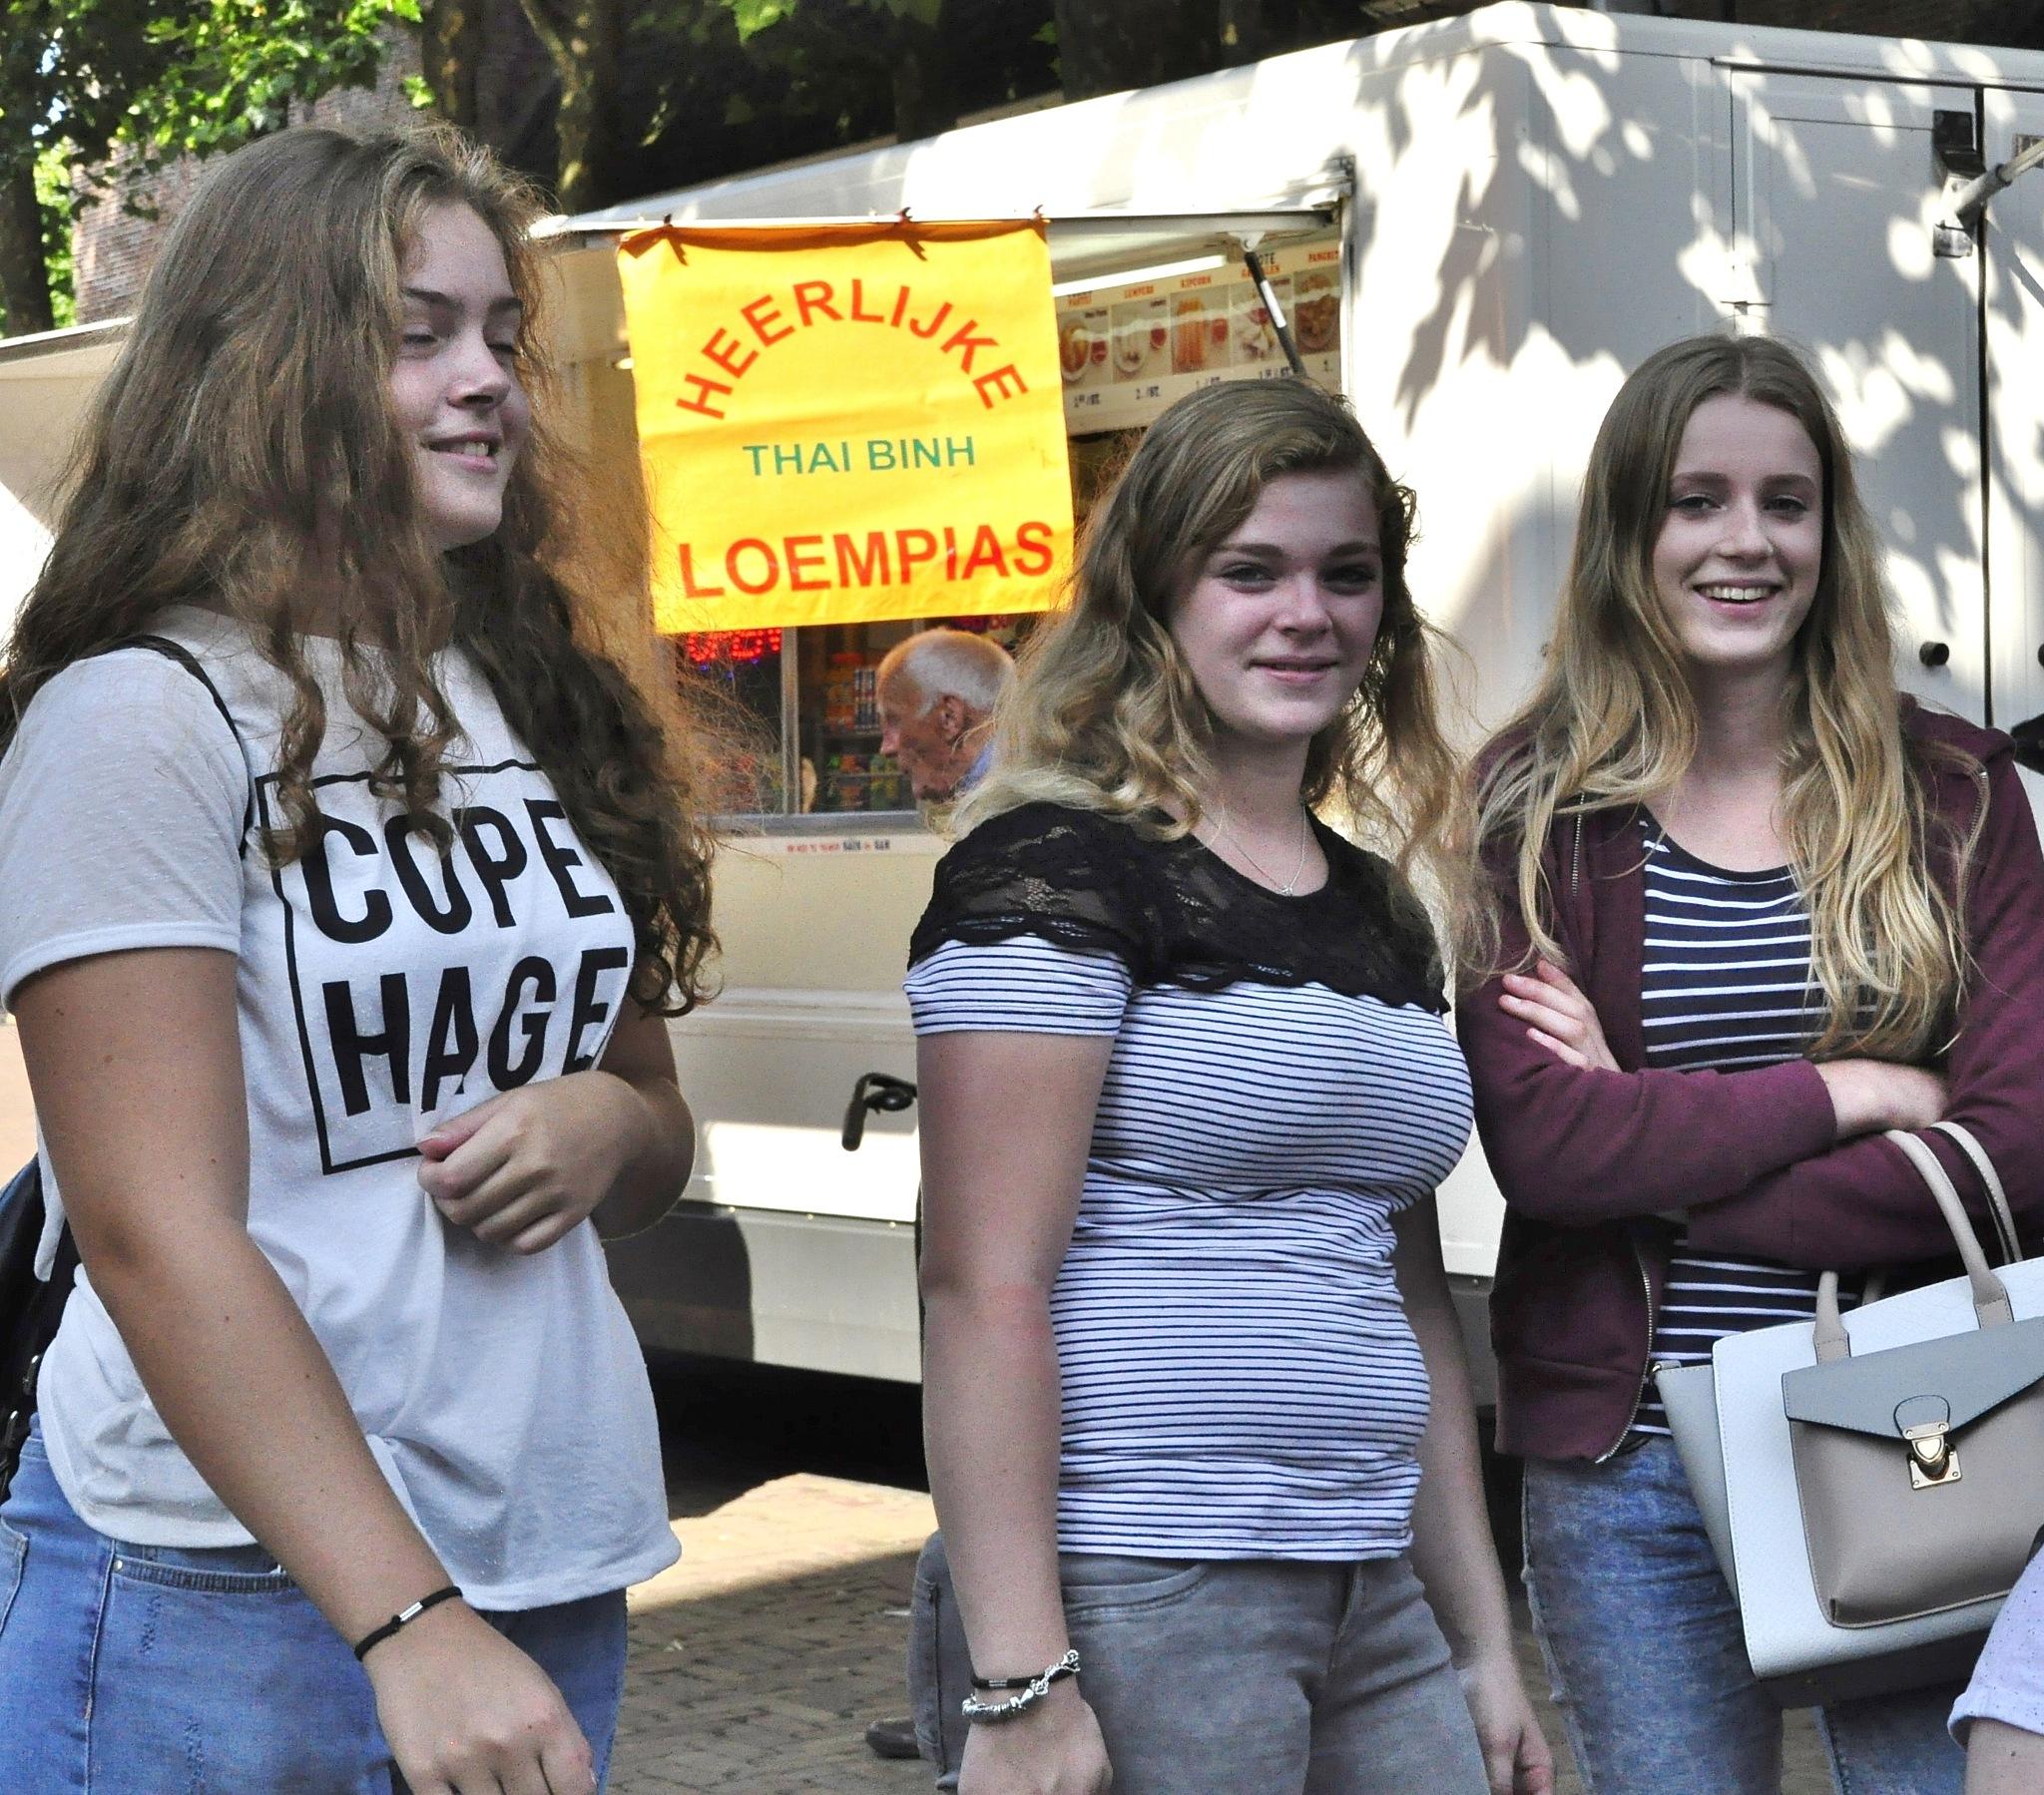 Models in town by Jacob van der Veen